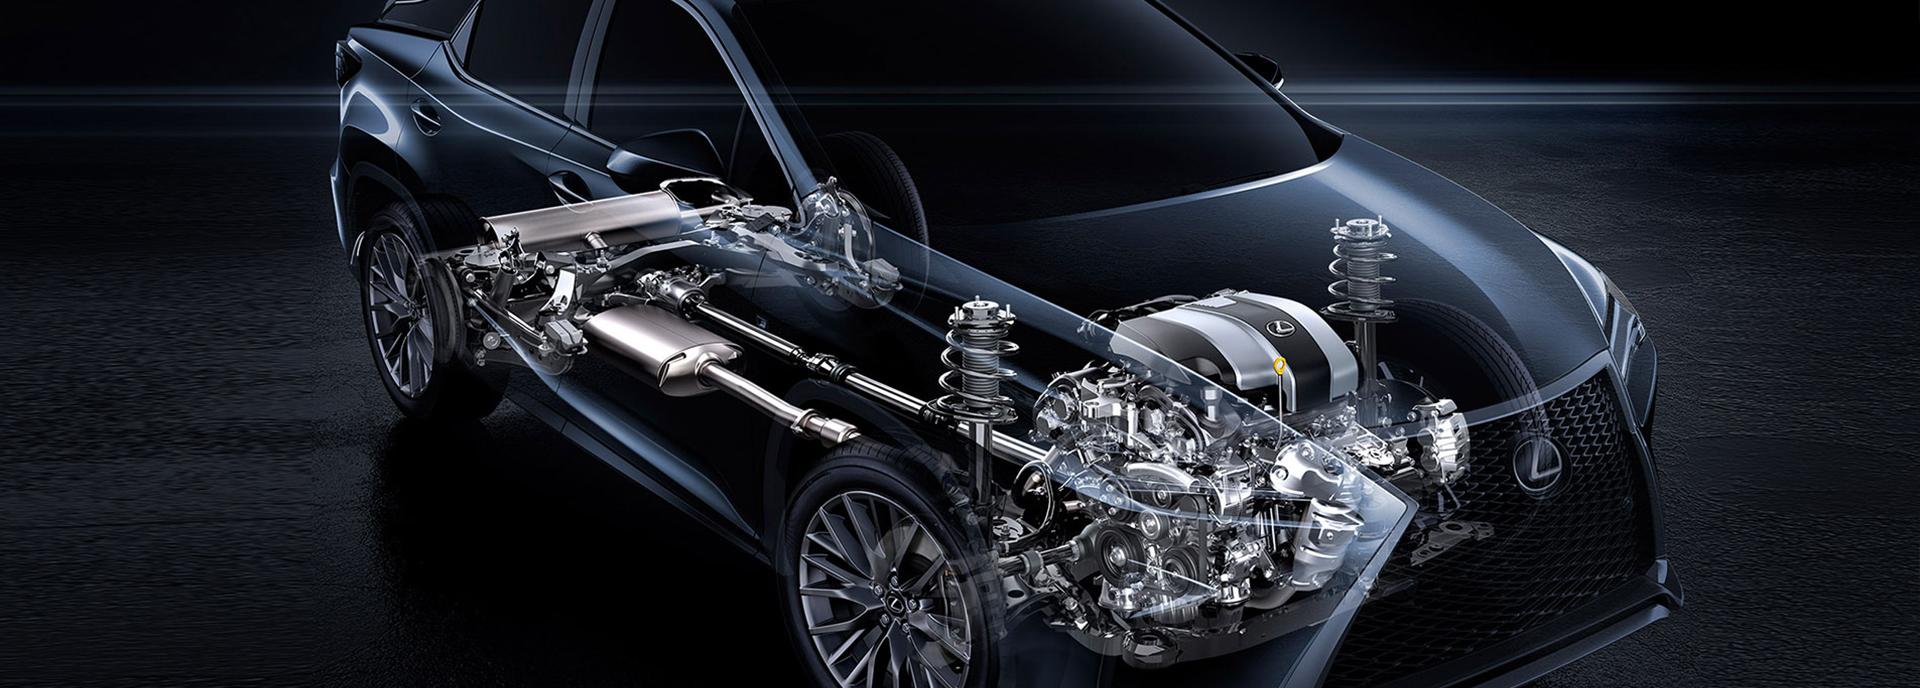 Onderstel en motor van een Lexus